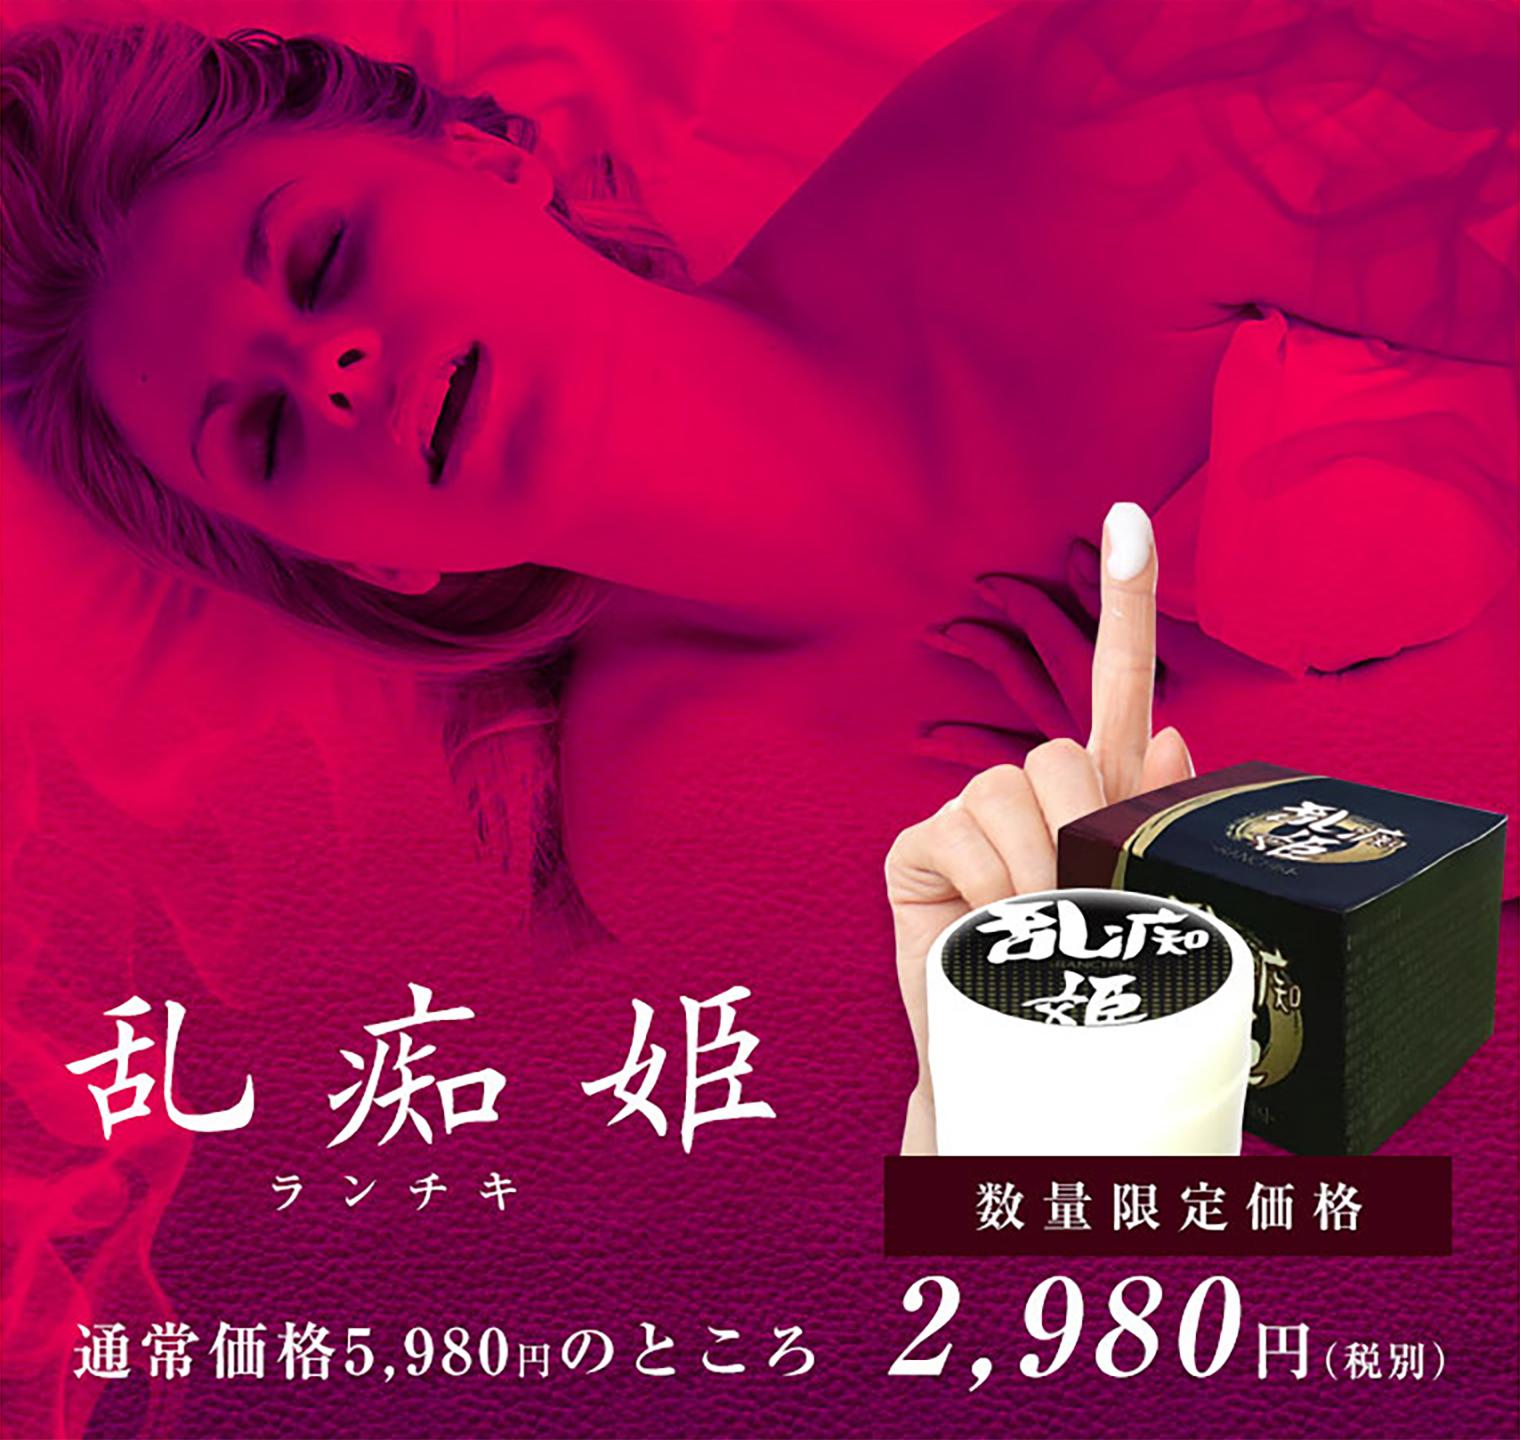 乱痴姫のイメージ画像